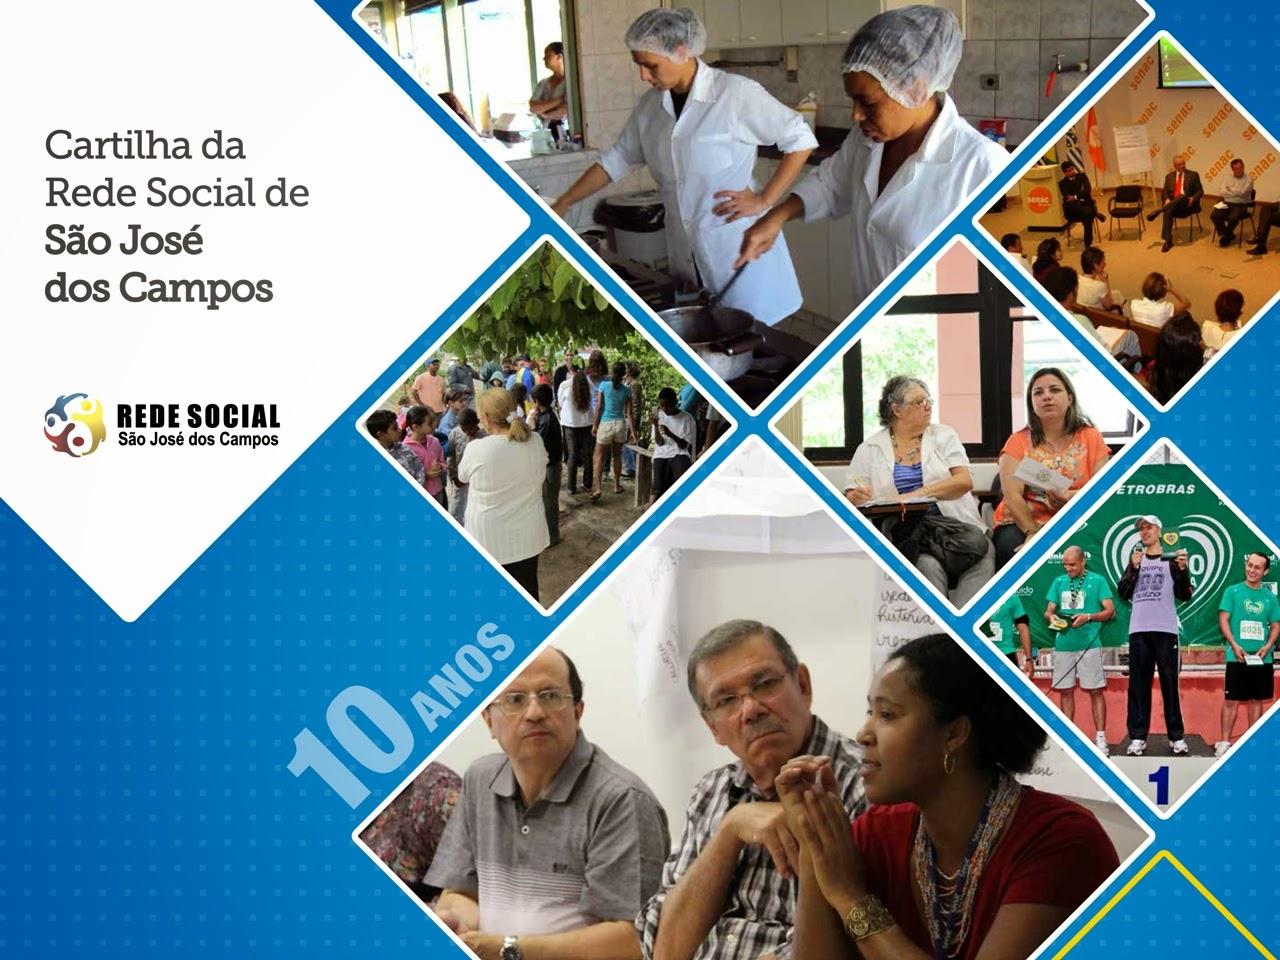 Cartilha de 10 anos da Rede Social de São José dos Campos/SP